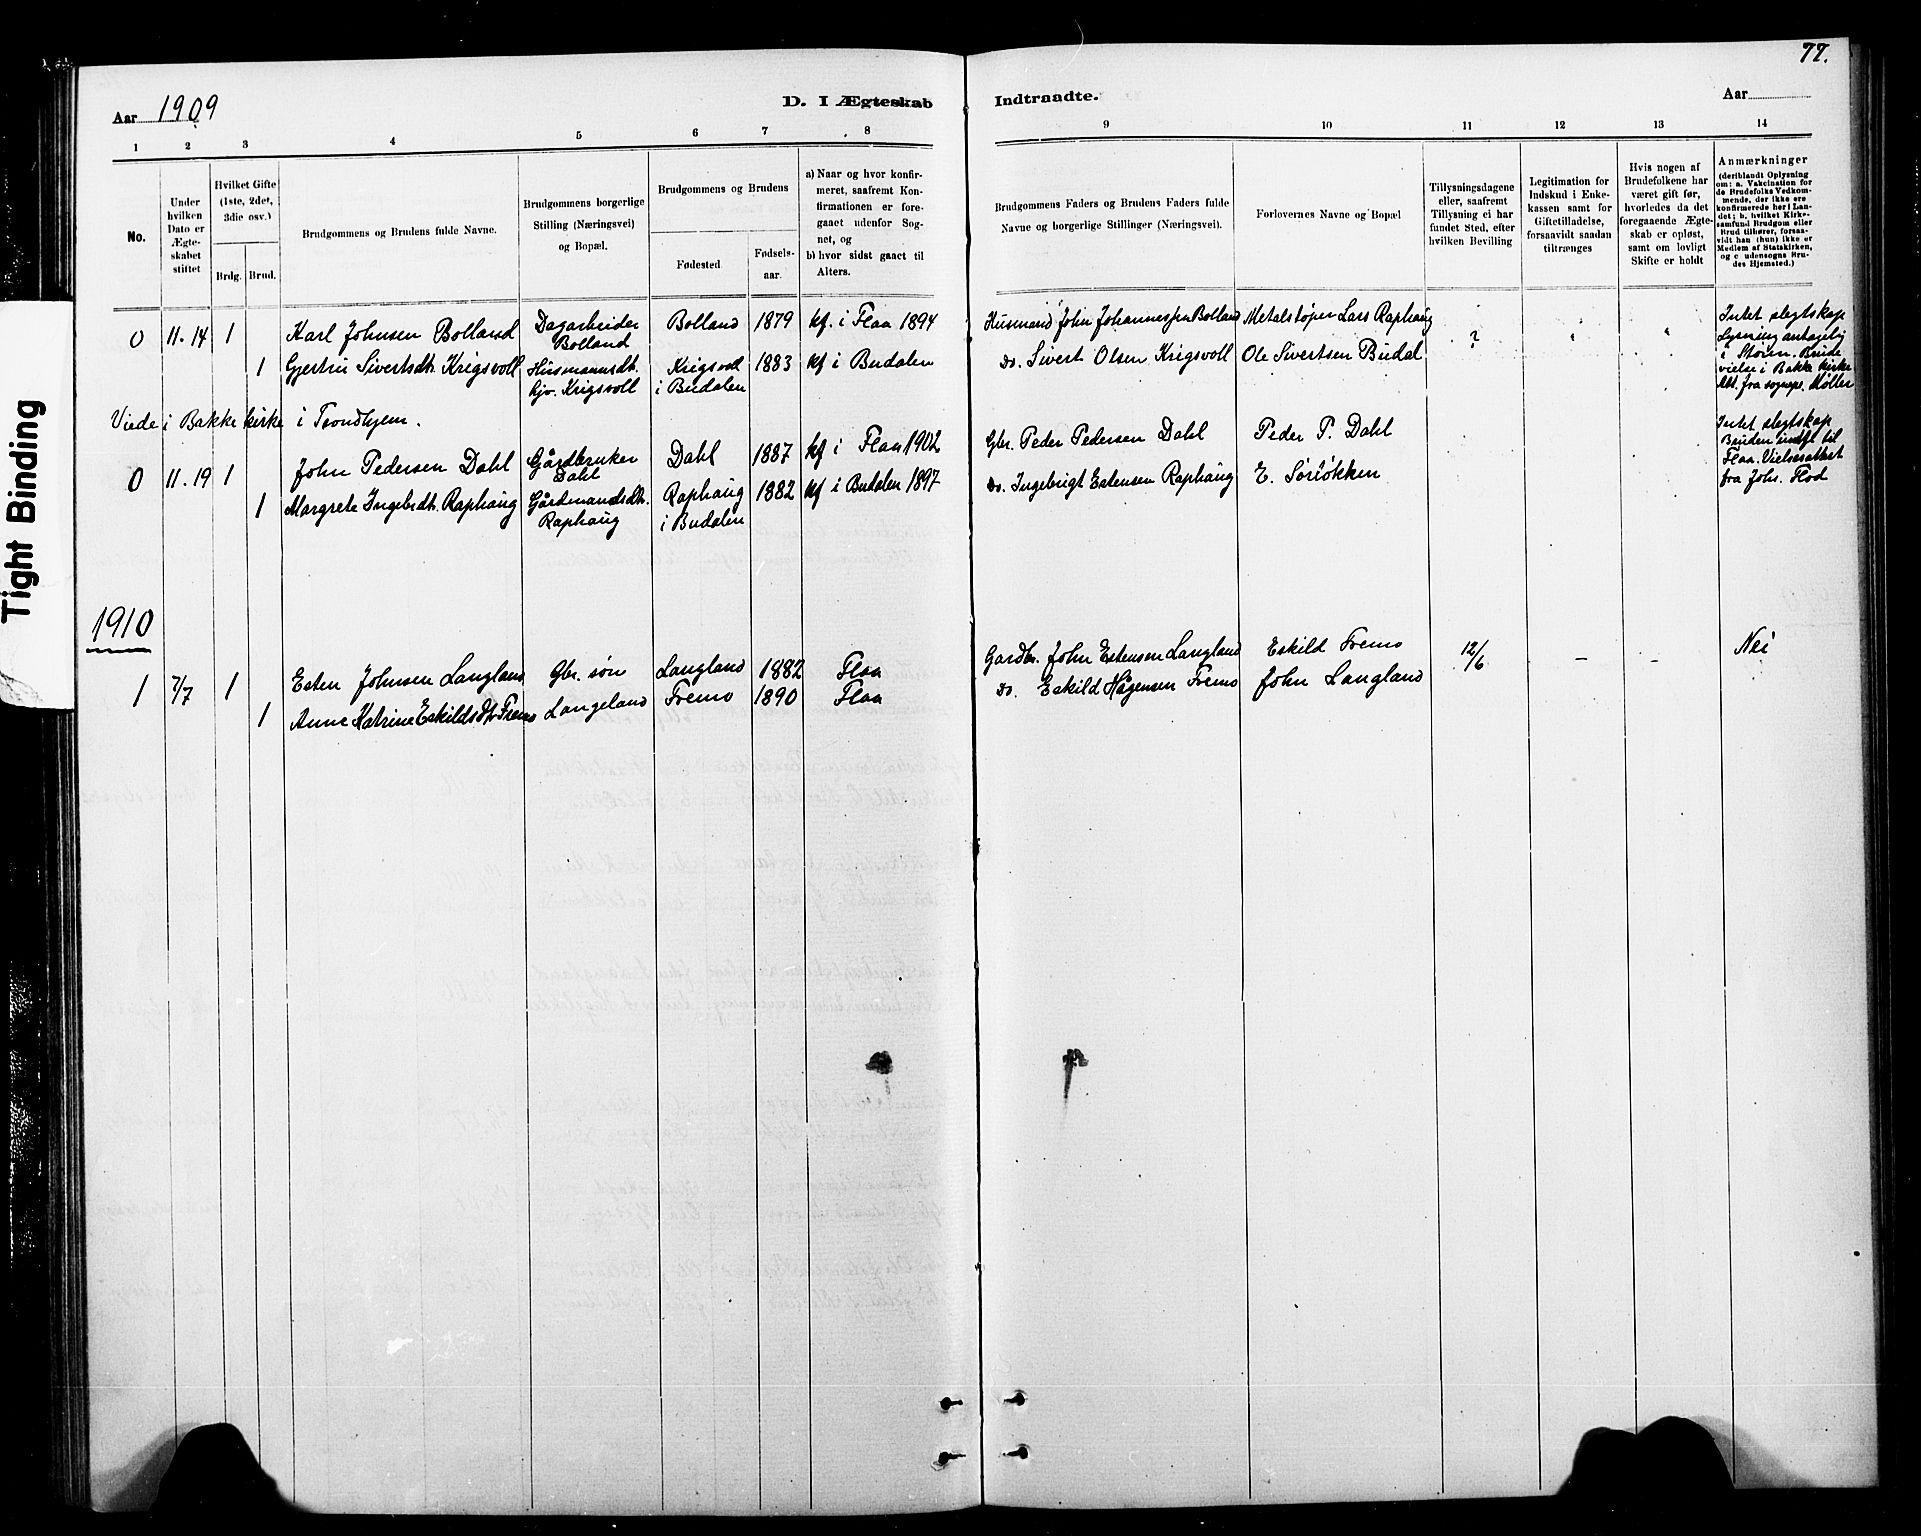 SAT, Ministerialprotokoller, klokkerbøker og fødselsregistre - Sør-Trøndelag, 693/L1123: Klokkerbok nr. 693C04, 1887-1910, s. 77